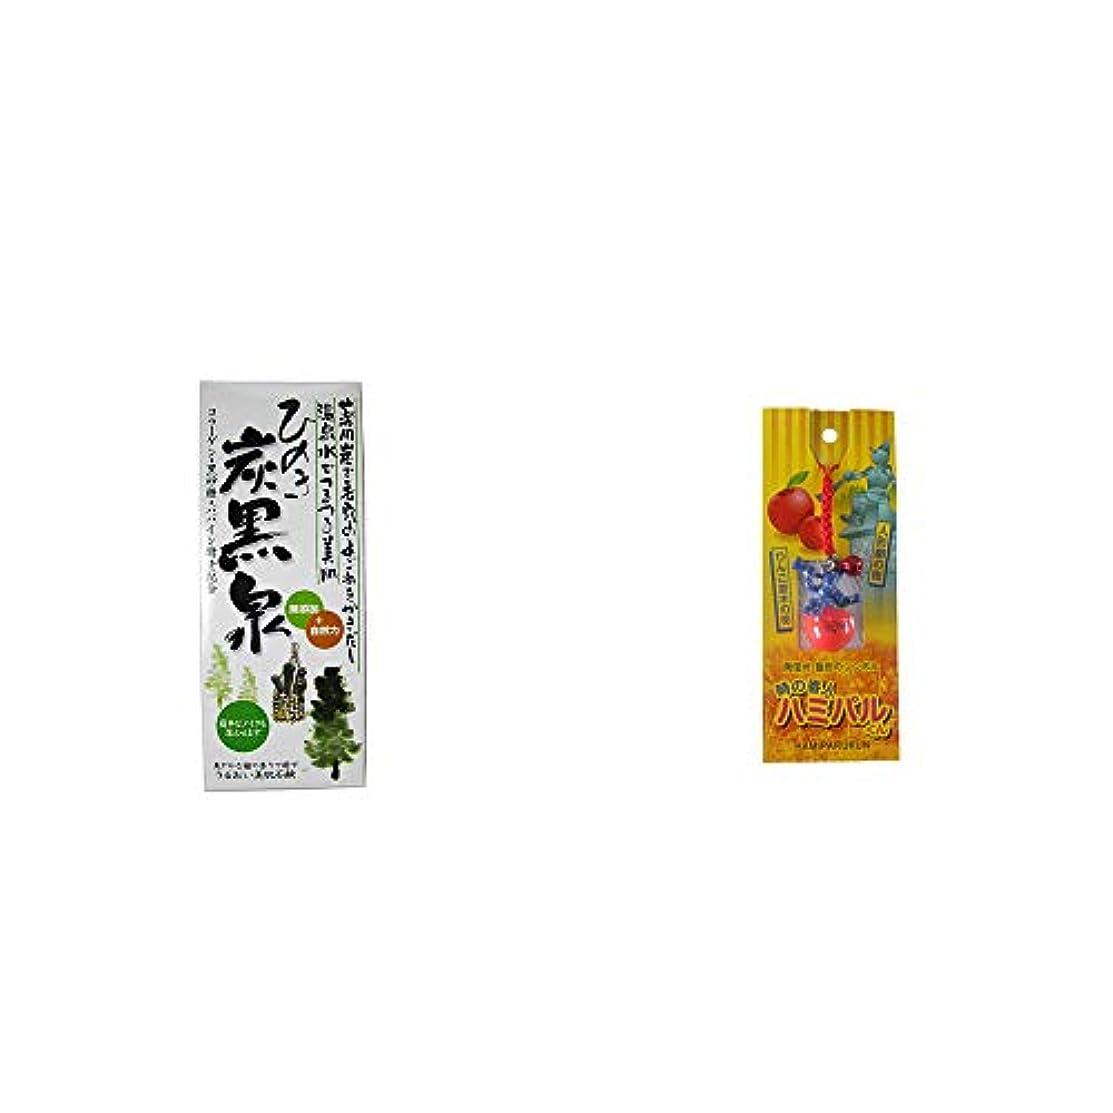 朝食を食べるくましばしば[2点セット] ひのき炭黒泉 箱入り(75g×3)?信州?飯田のシンボル 時の番人ハミパルくんストラップ